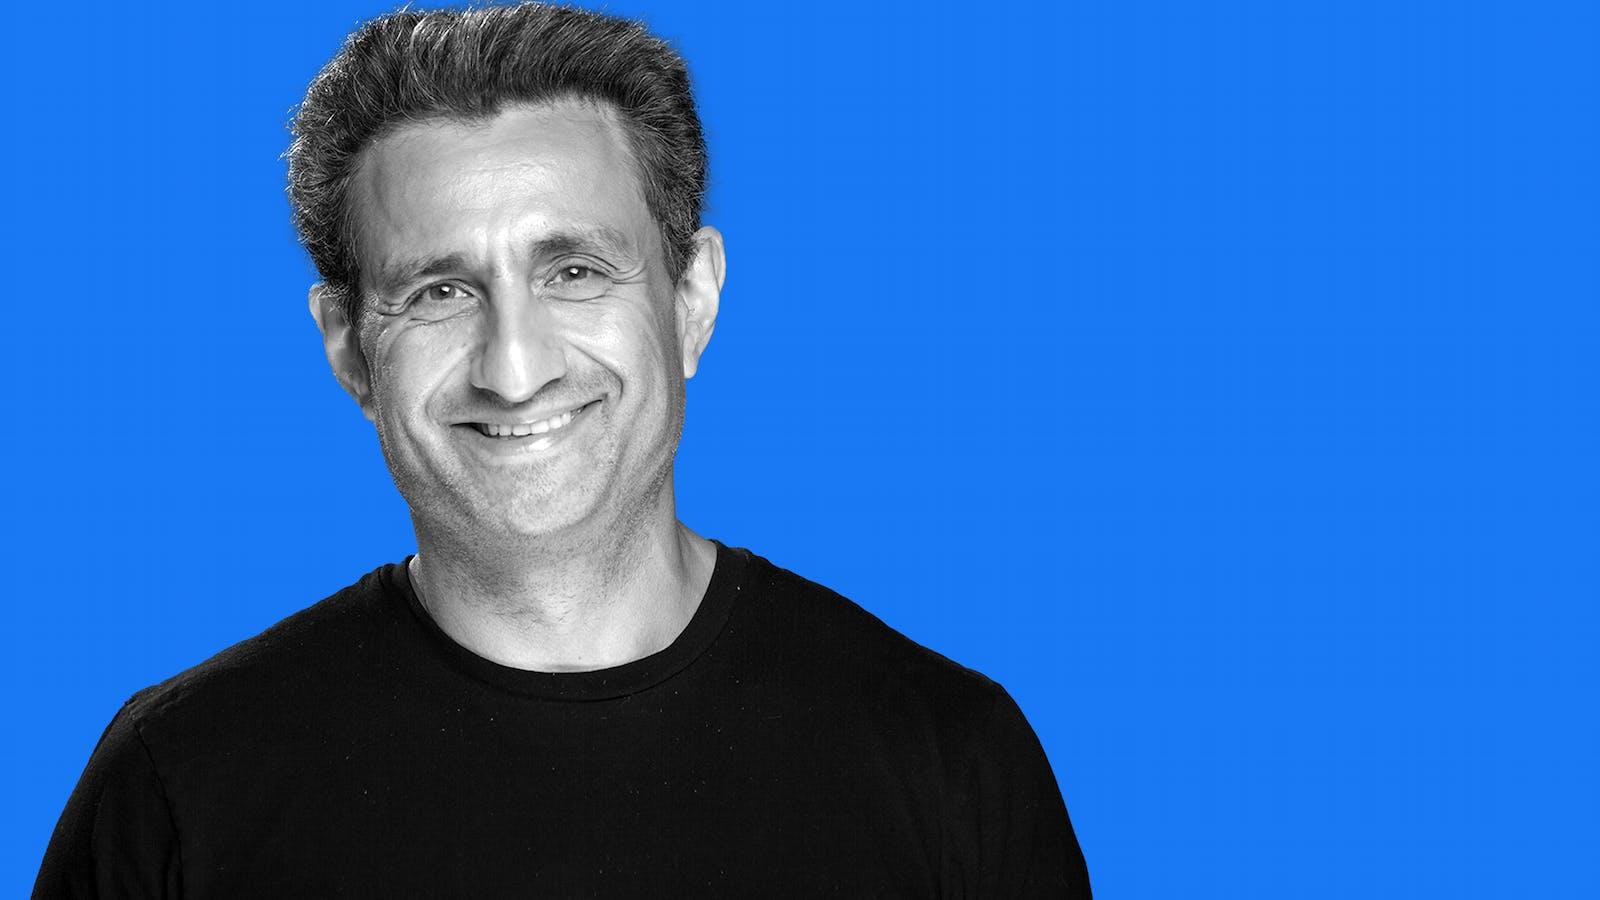 Facebook's head of Messenger, Stan Chudnovsky. Photo courtesy of Facebook.